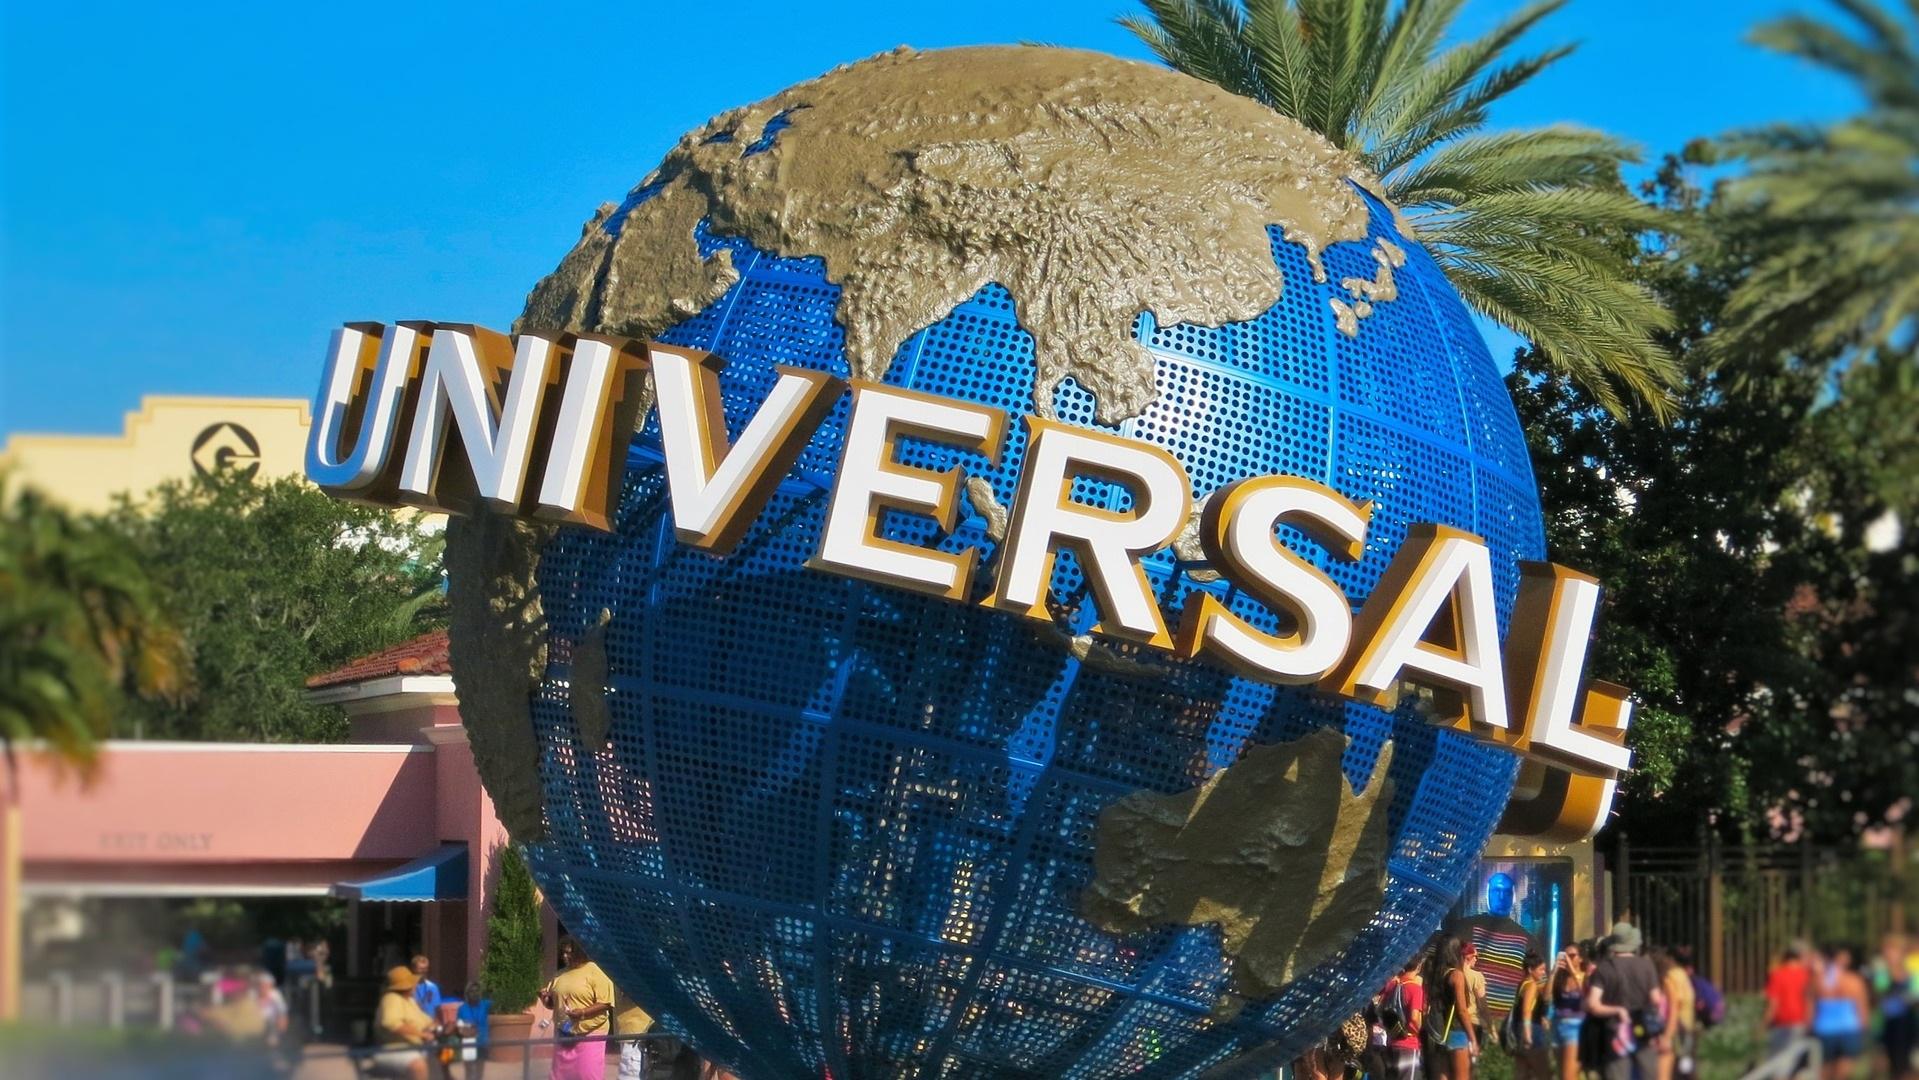 Universal Studios - Undrar du hur en film blir till och hur det ser ut på en filmstudio? Då är Universal Studios något för dig. Här kan du stöta på någon av dina favoritkaraktärer från filmens värld och dessutom kombinera det med deras nöjesfält.